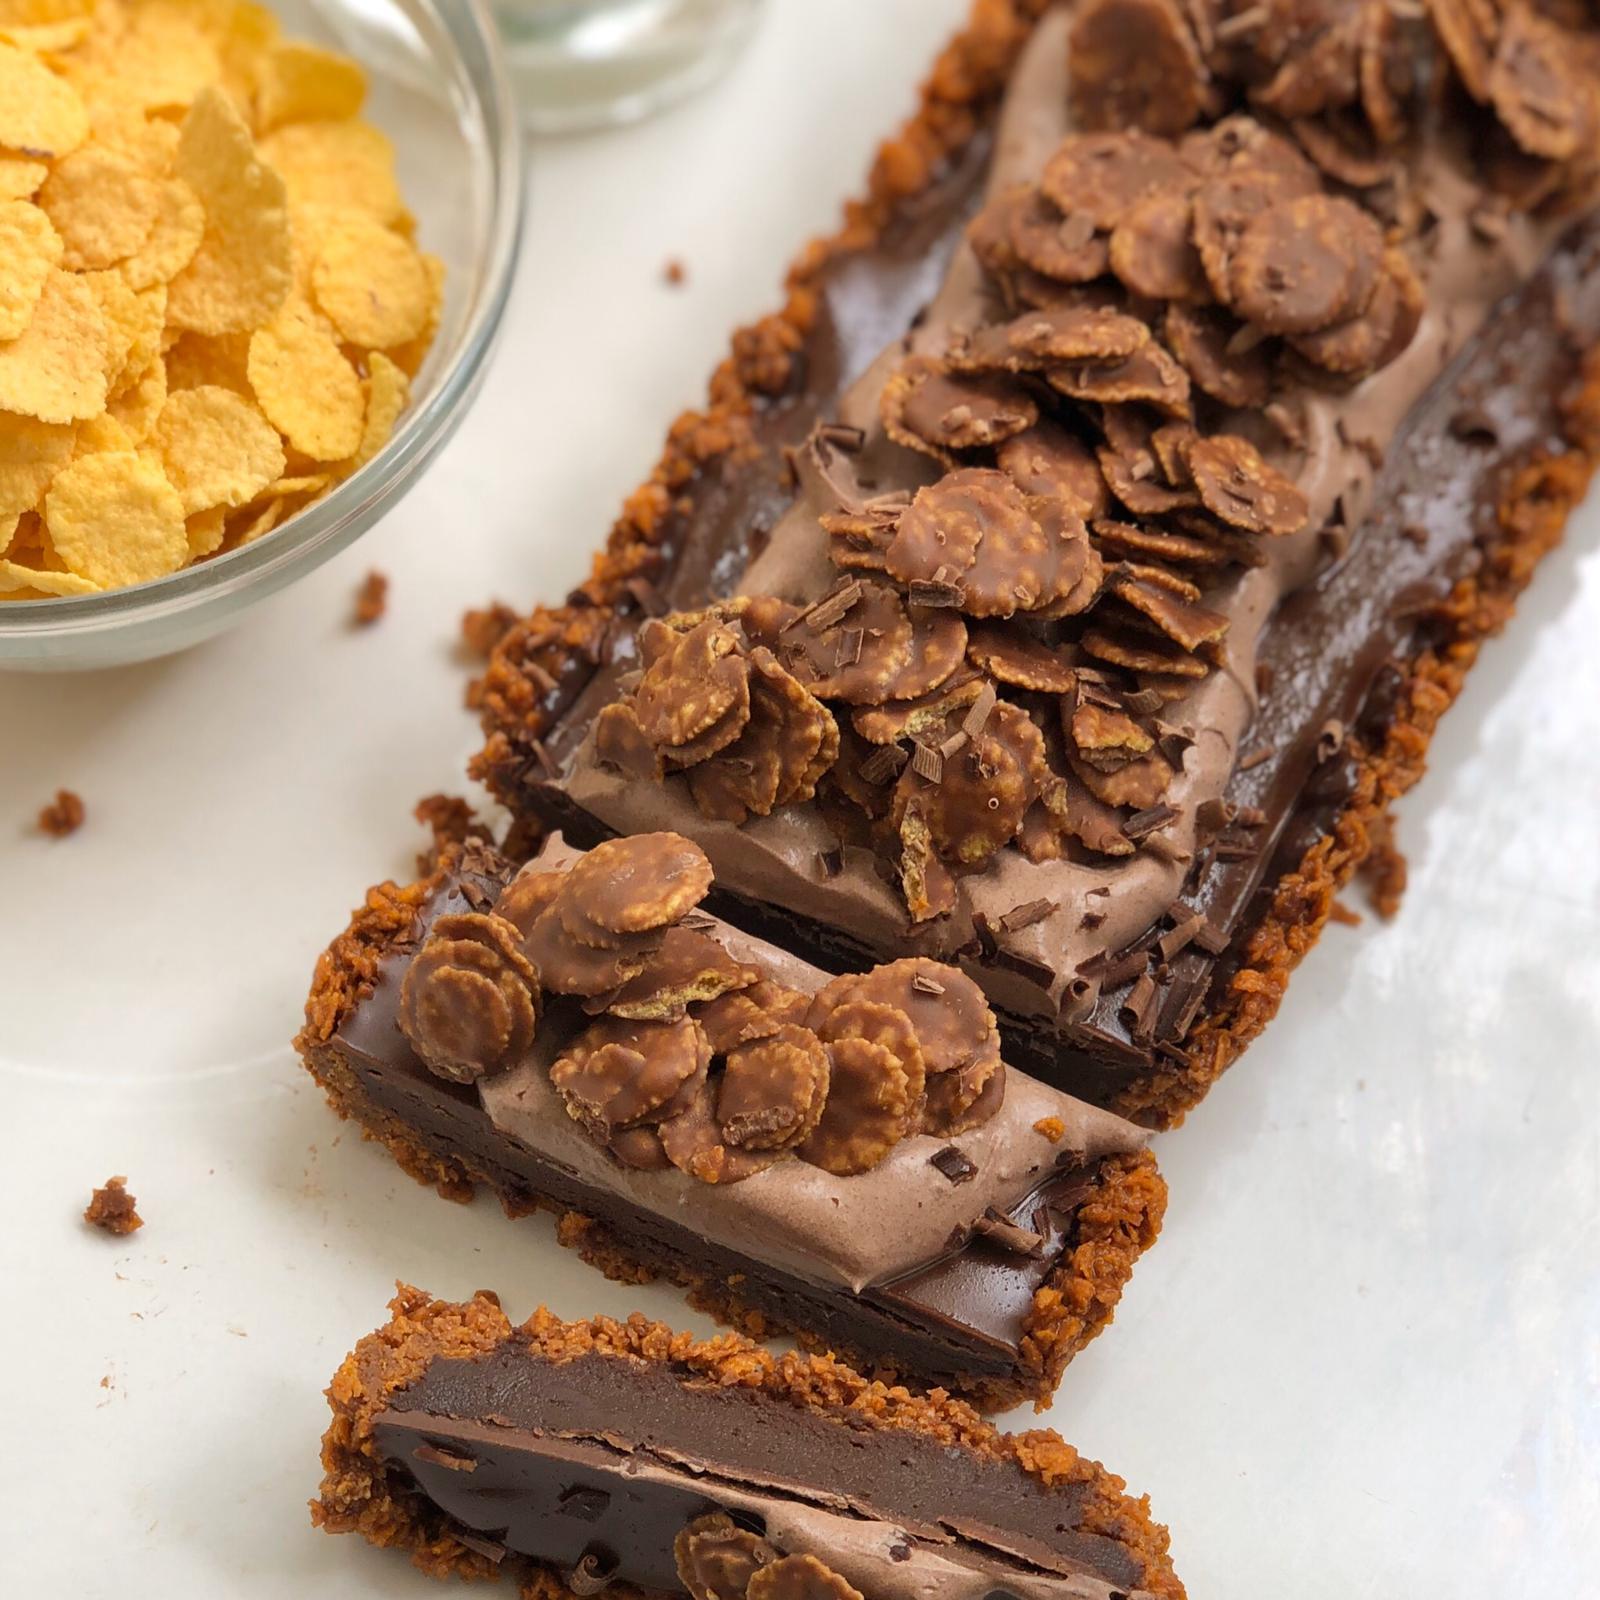 טארט קורנפלקס-שוקולד. צילום: עדי קלינגהופר